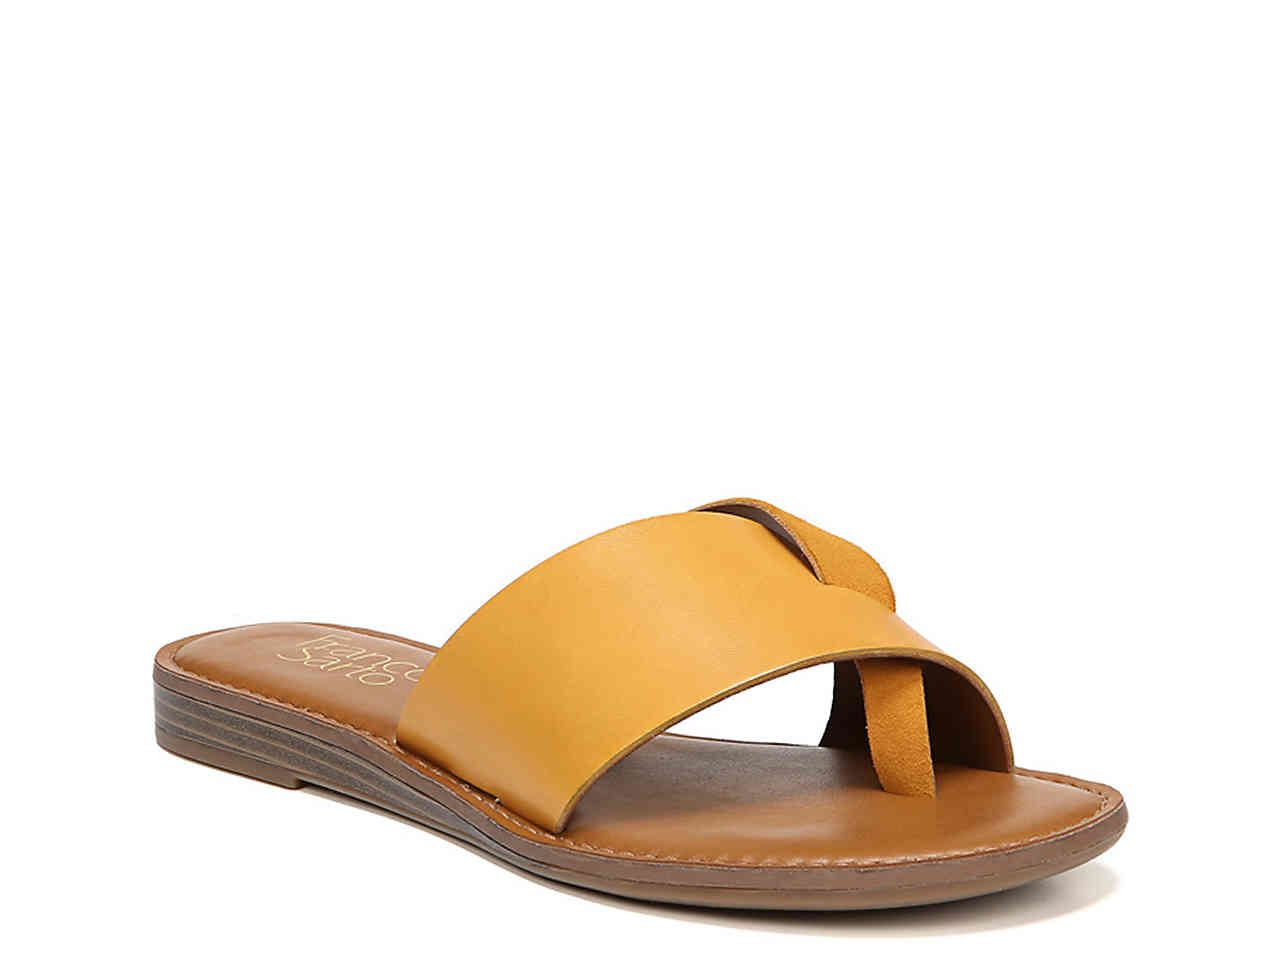 Minimalist shoes, Womens sandals, Dsw shoes